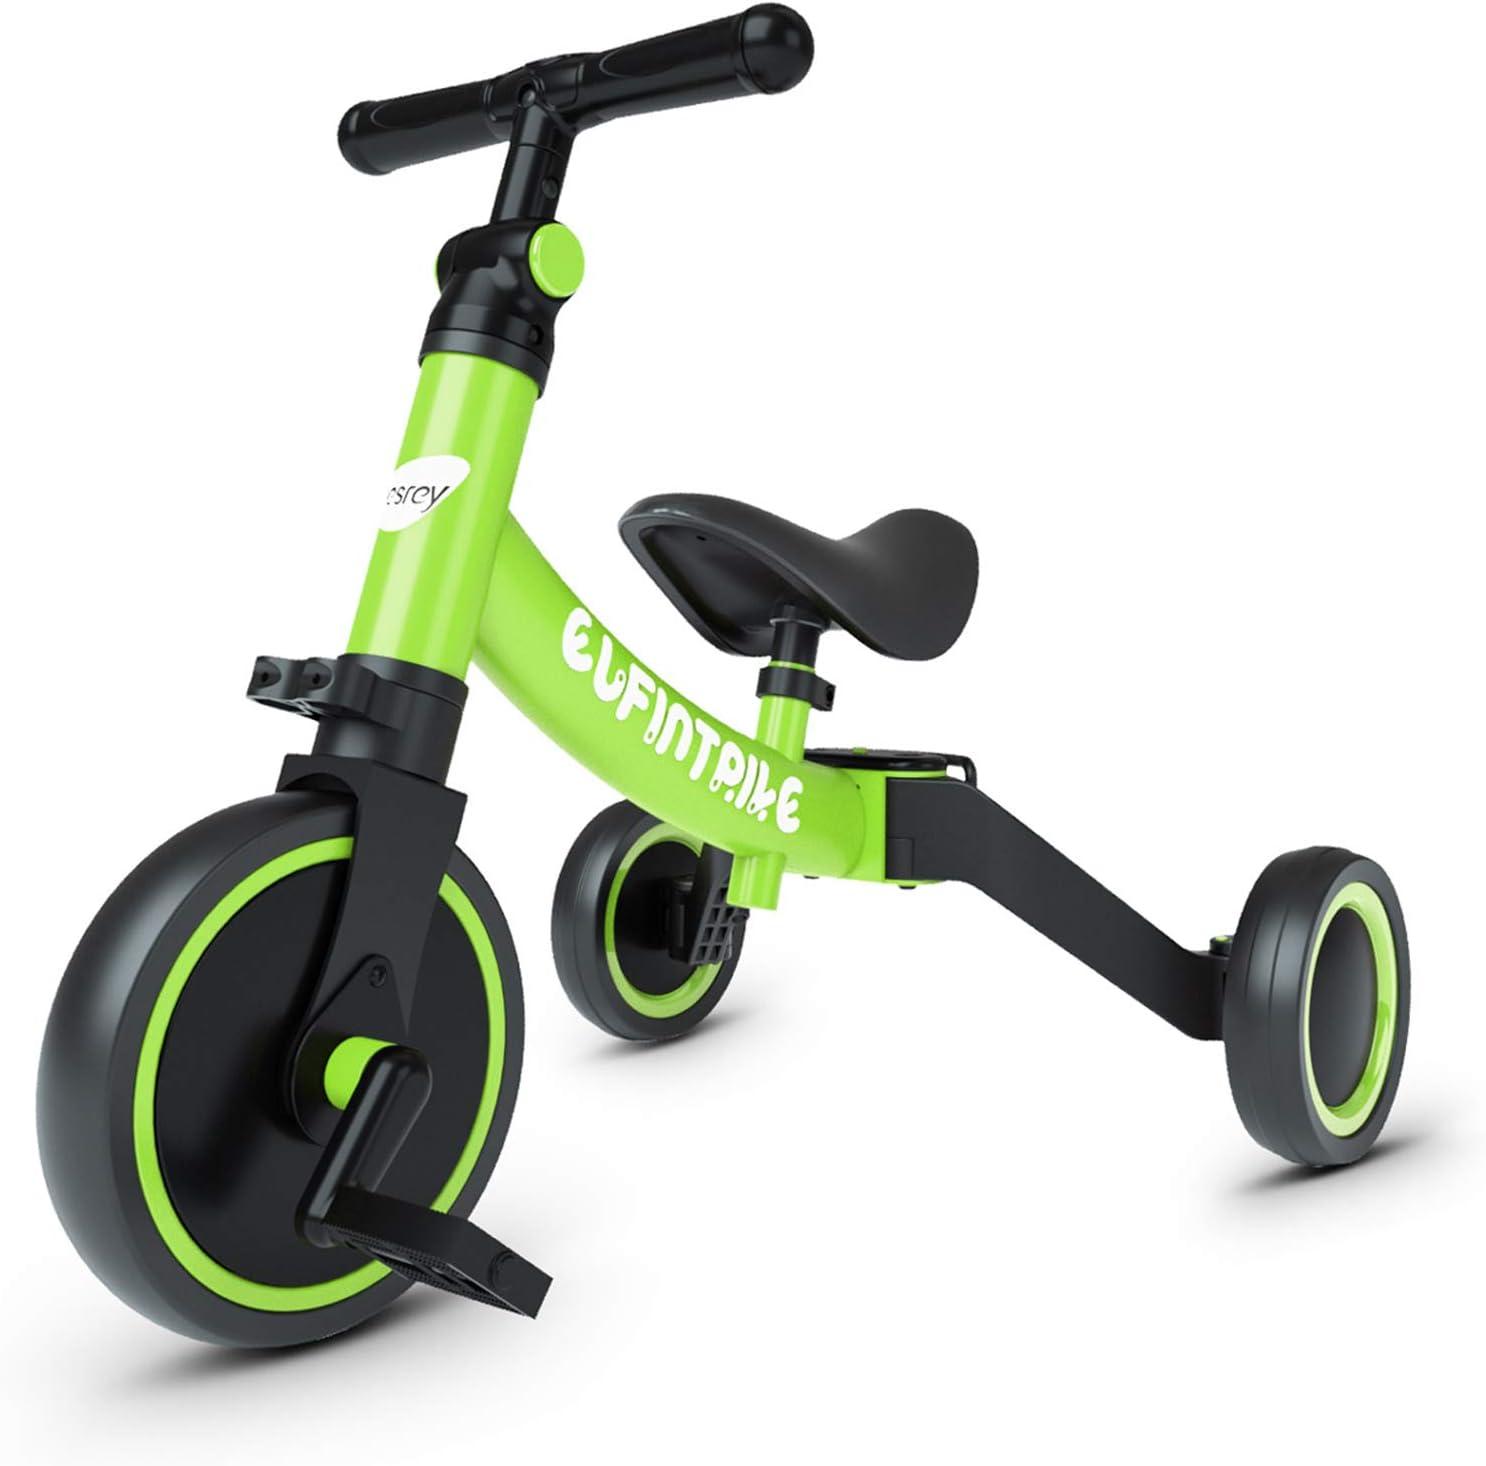 besrey Triciclos para Niños, 5 en 1 Un Bici polivalente, Triciclo & Bicicleta & Carro de Equilibrio & Caminante, 2.8kg Ligero y portátil, Adecuado para niños de 1.5-4 años Verde